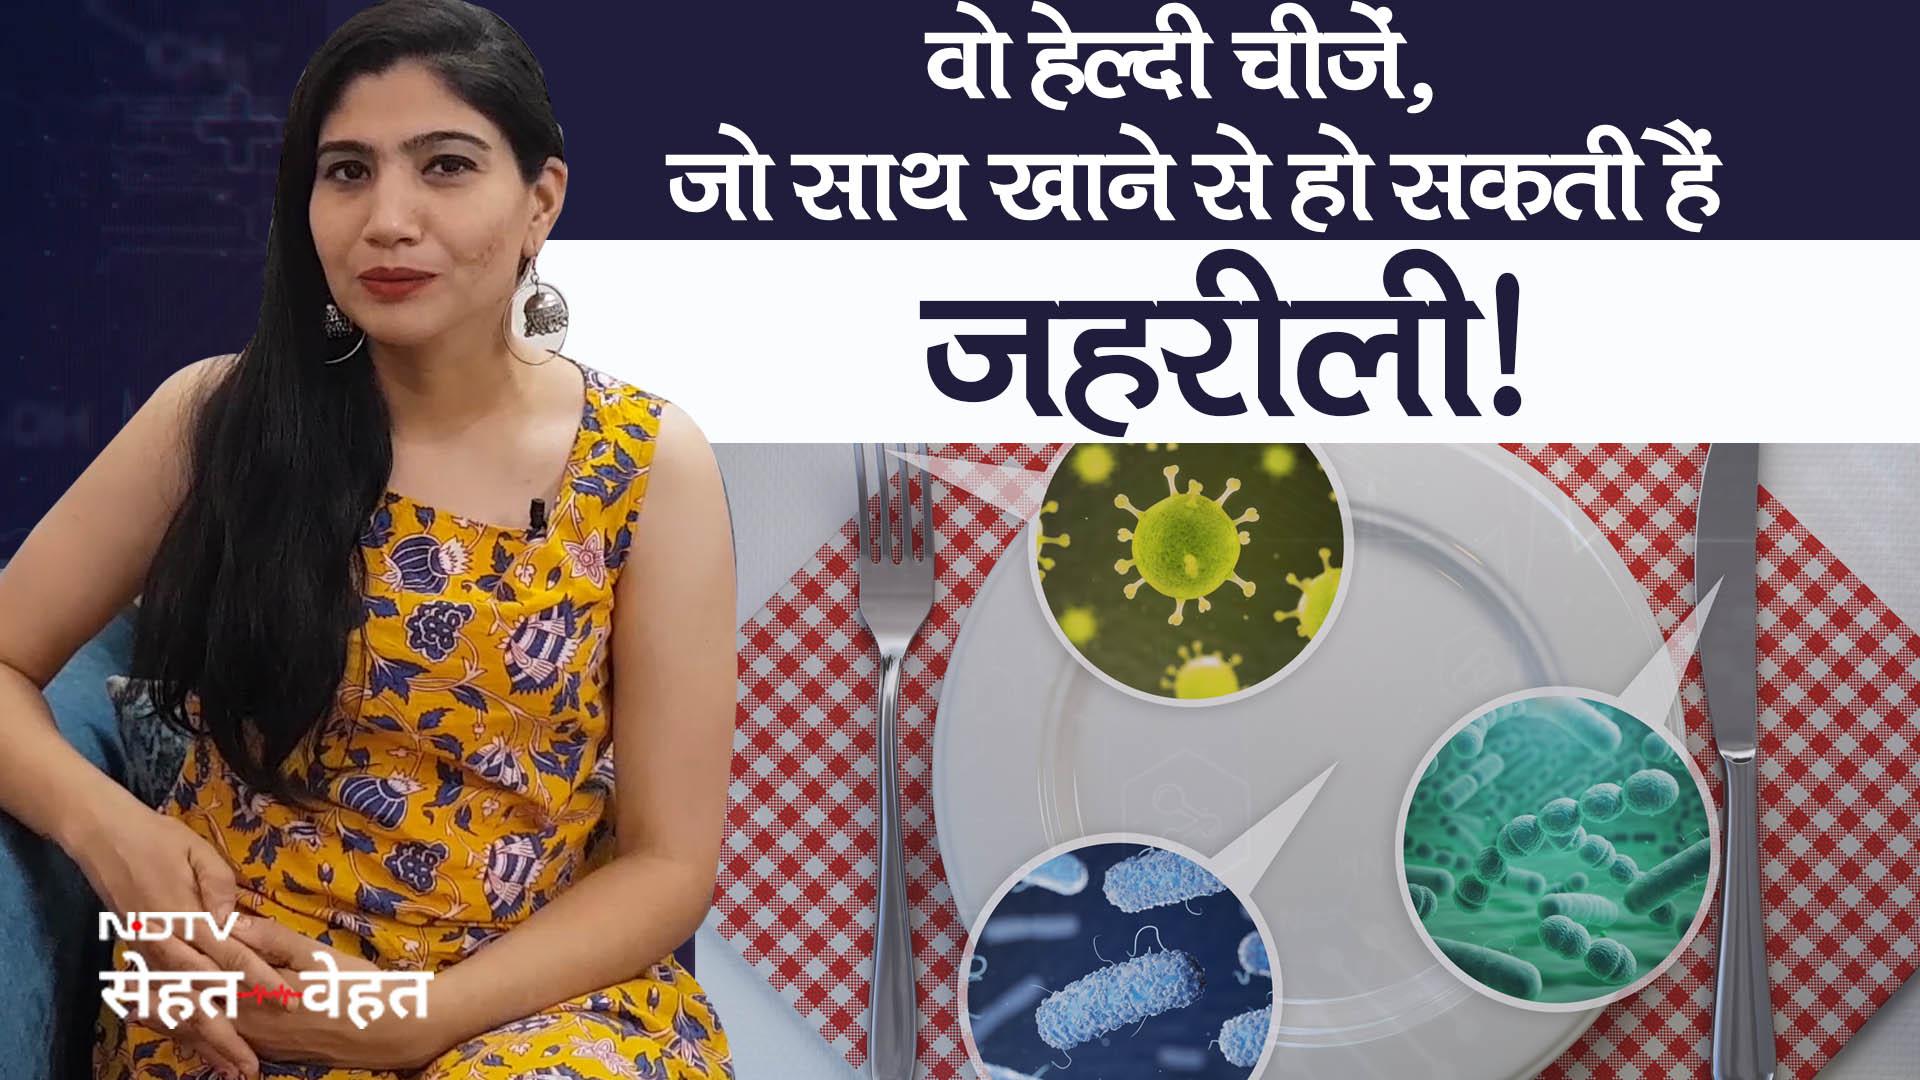 Videos : Ayurveda Food Combining: इन चीजों को न खाएं साथ, हैं खतरनाक!